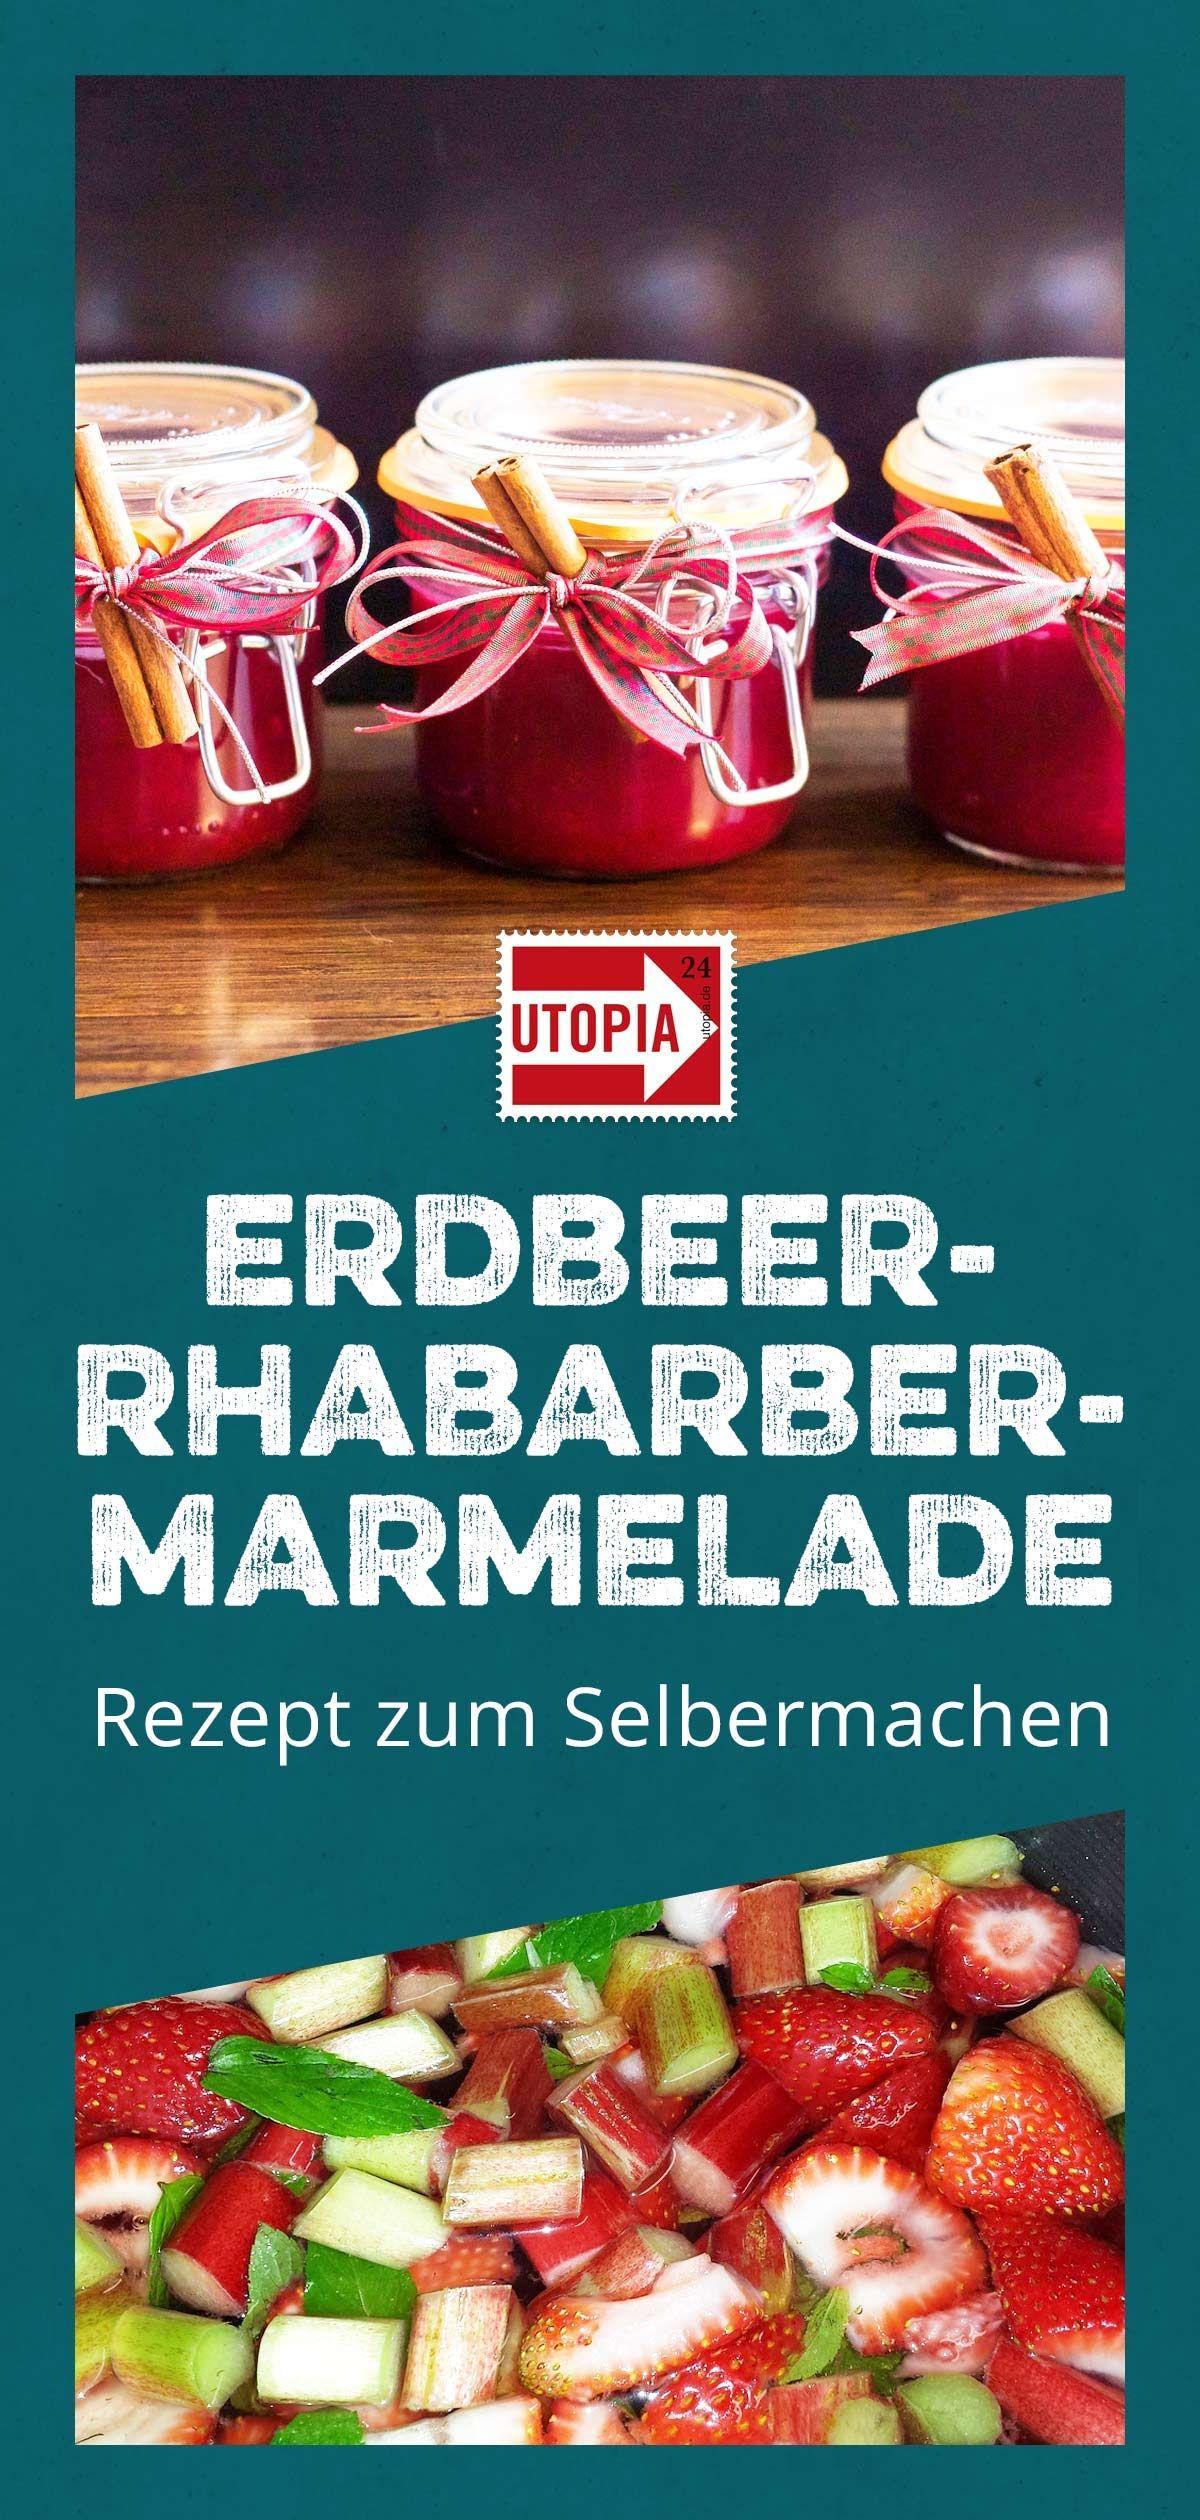 Erdbeer-Rhabarber-Marmelade: Leckeres Rezept zum Selbermachen #frühstückundbrunch